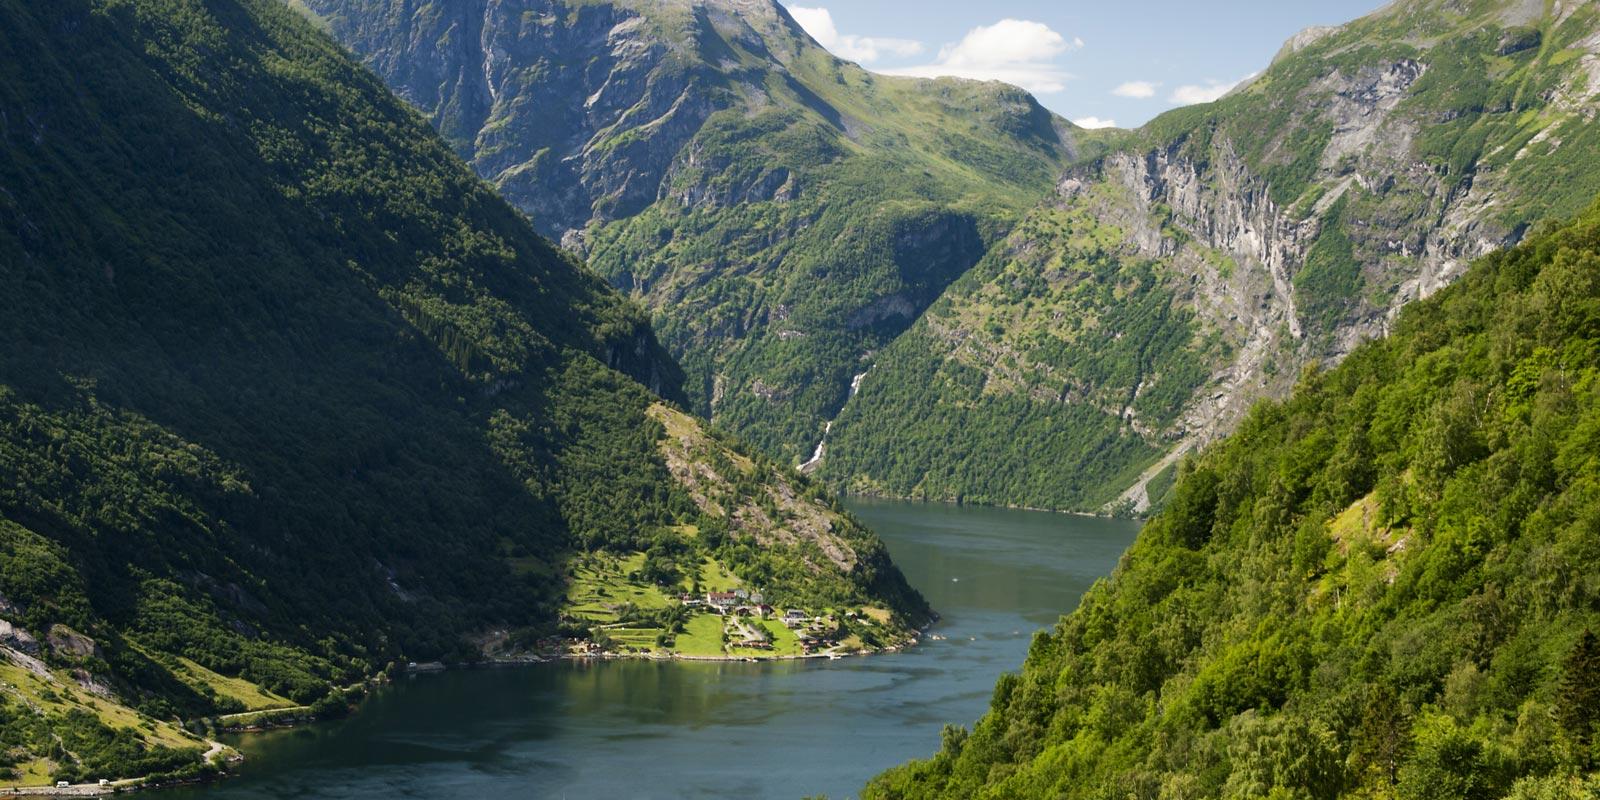 Vy över Geiranger fjord i Norge.